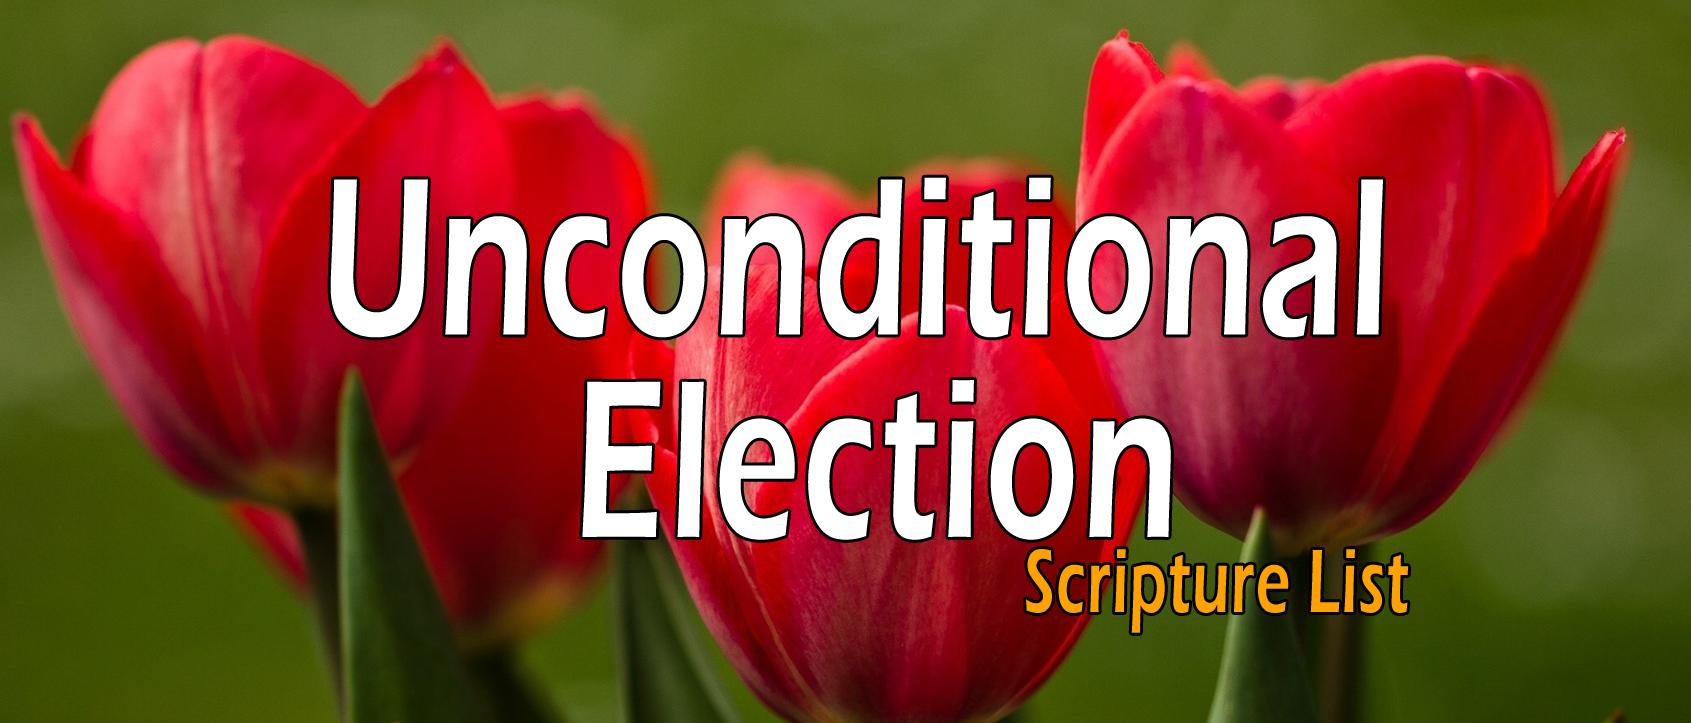 Unconditional Election, Sovereign Grace - Scripture List